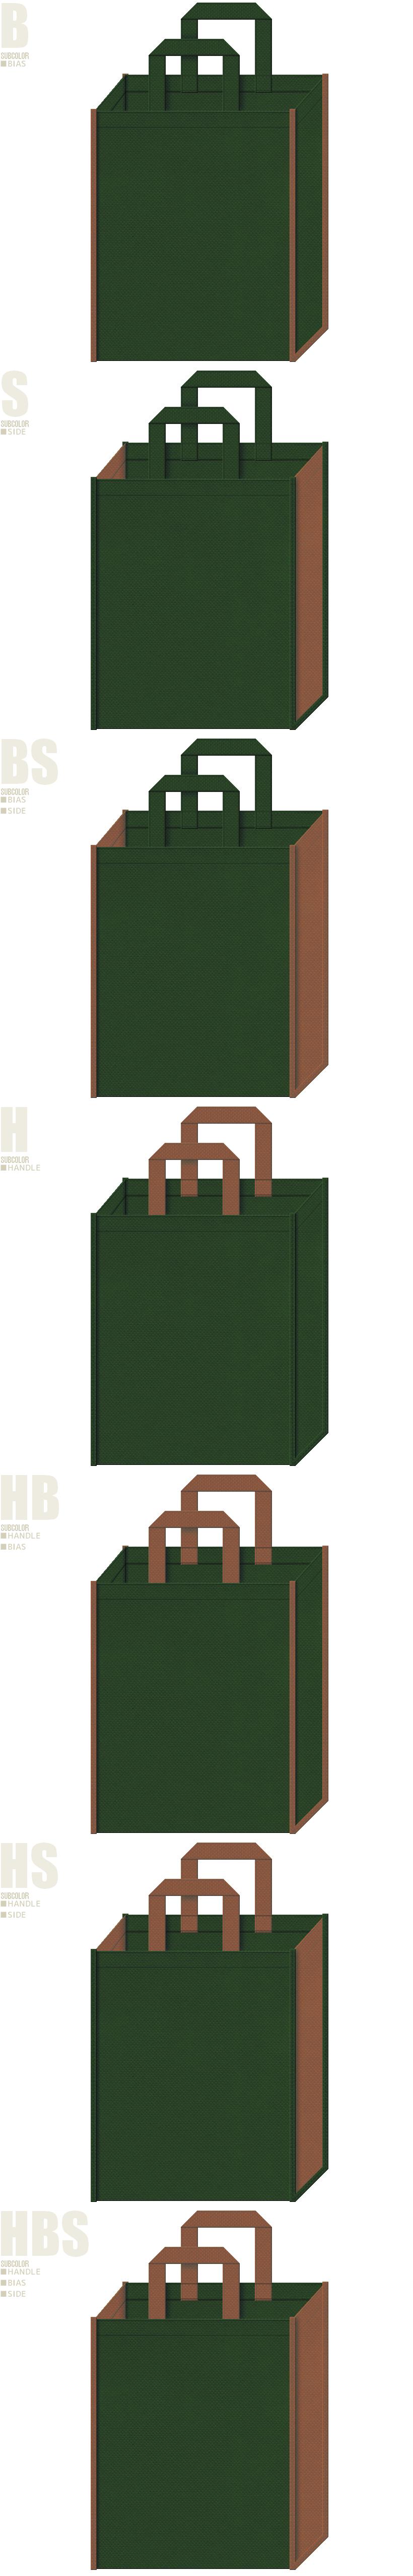 テーマーパーク・ゲーム・探検・ジャングル・恐竜・松の木・絵本・森・もみの木・クリスマス・登山・アウトドア・キャンプ用品の展示会用バッグにお奨めの不織布バッグデザイン:濃緑色と茶色の配色7パターン